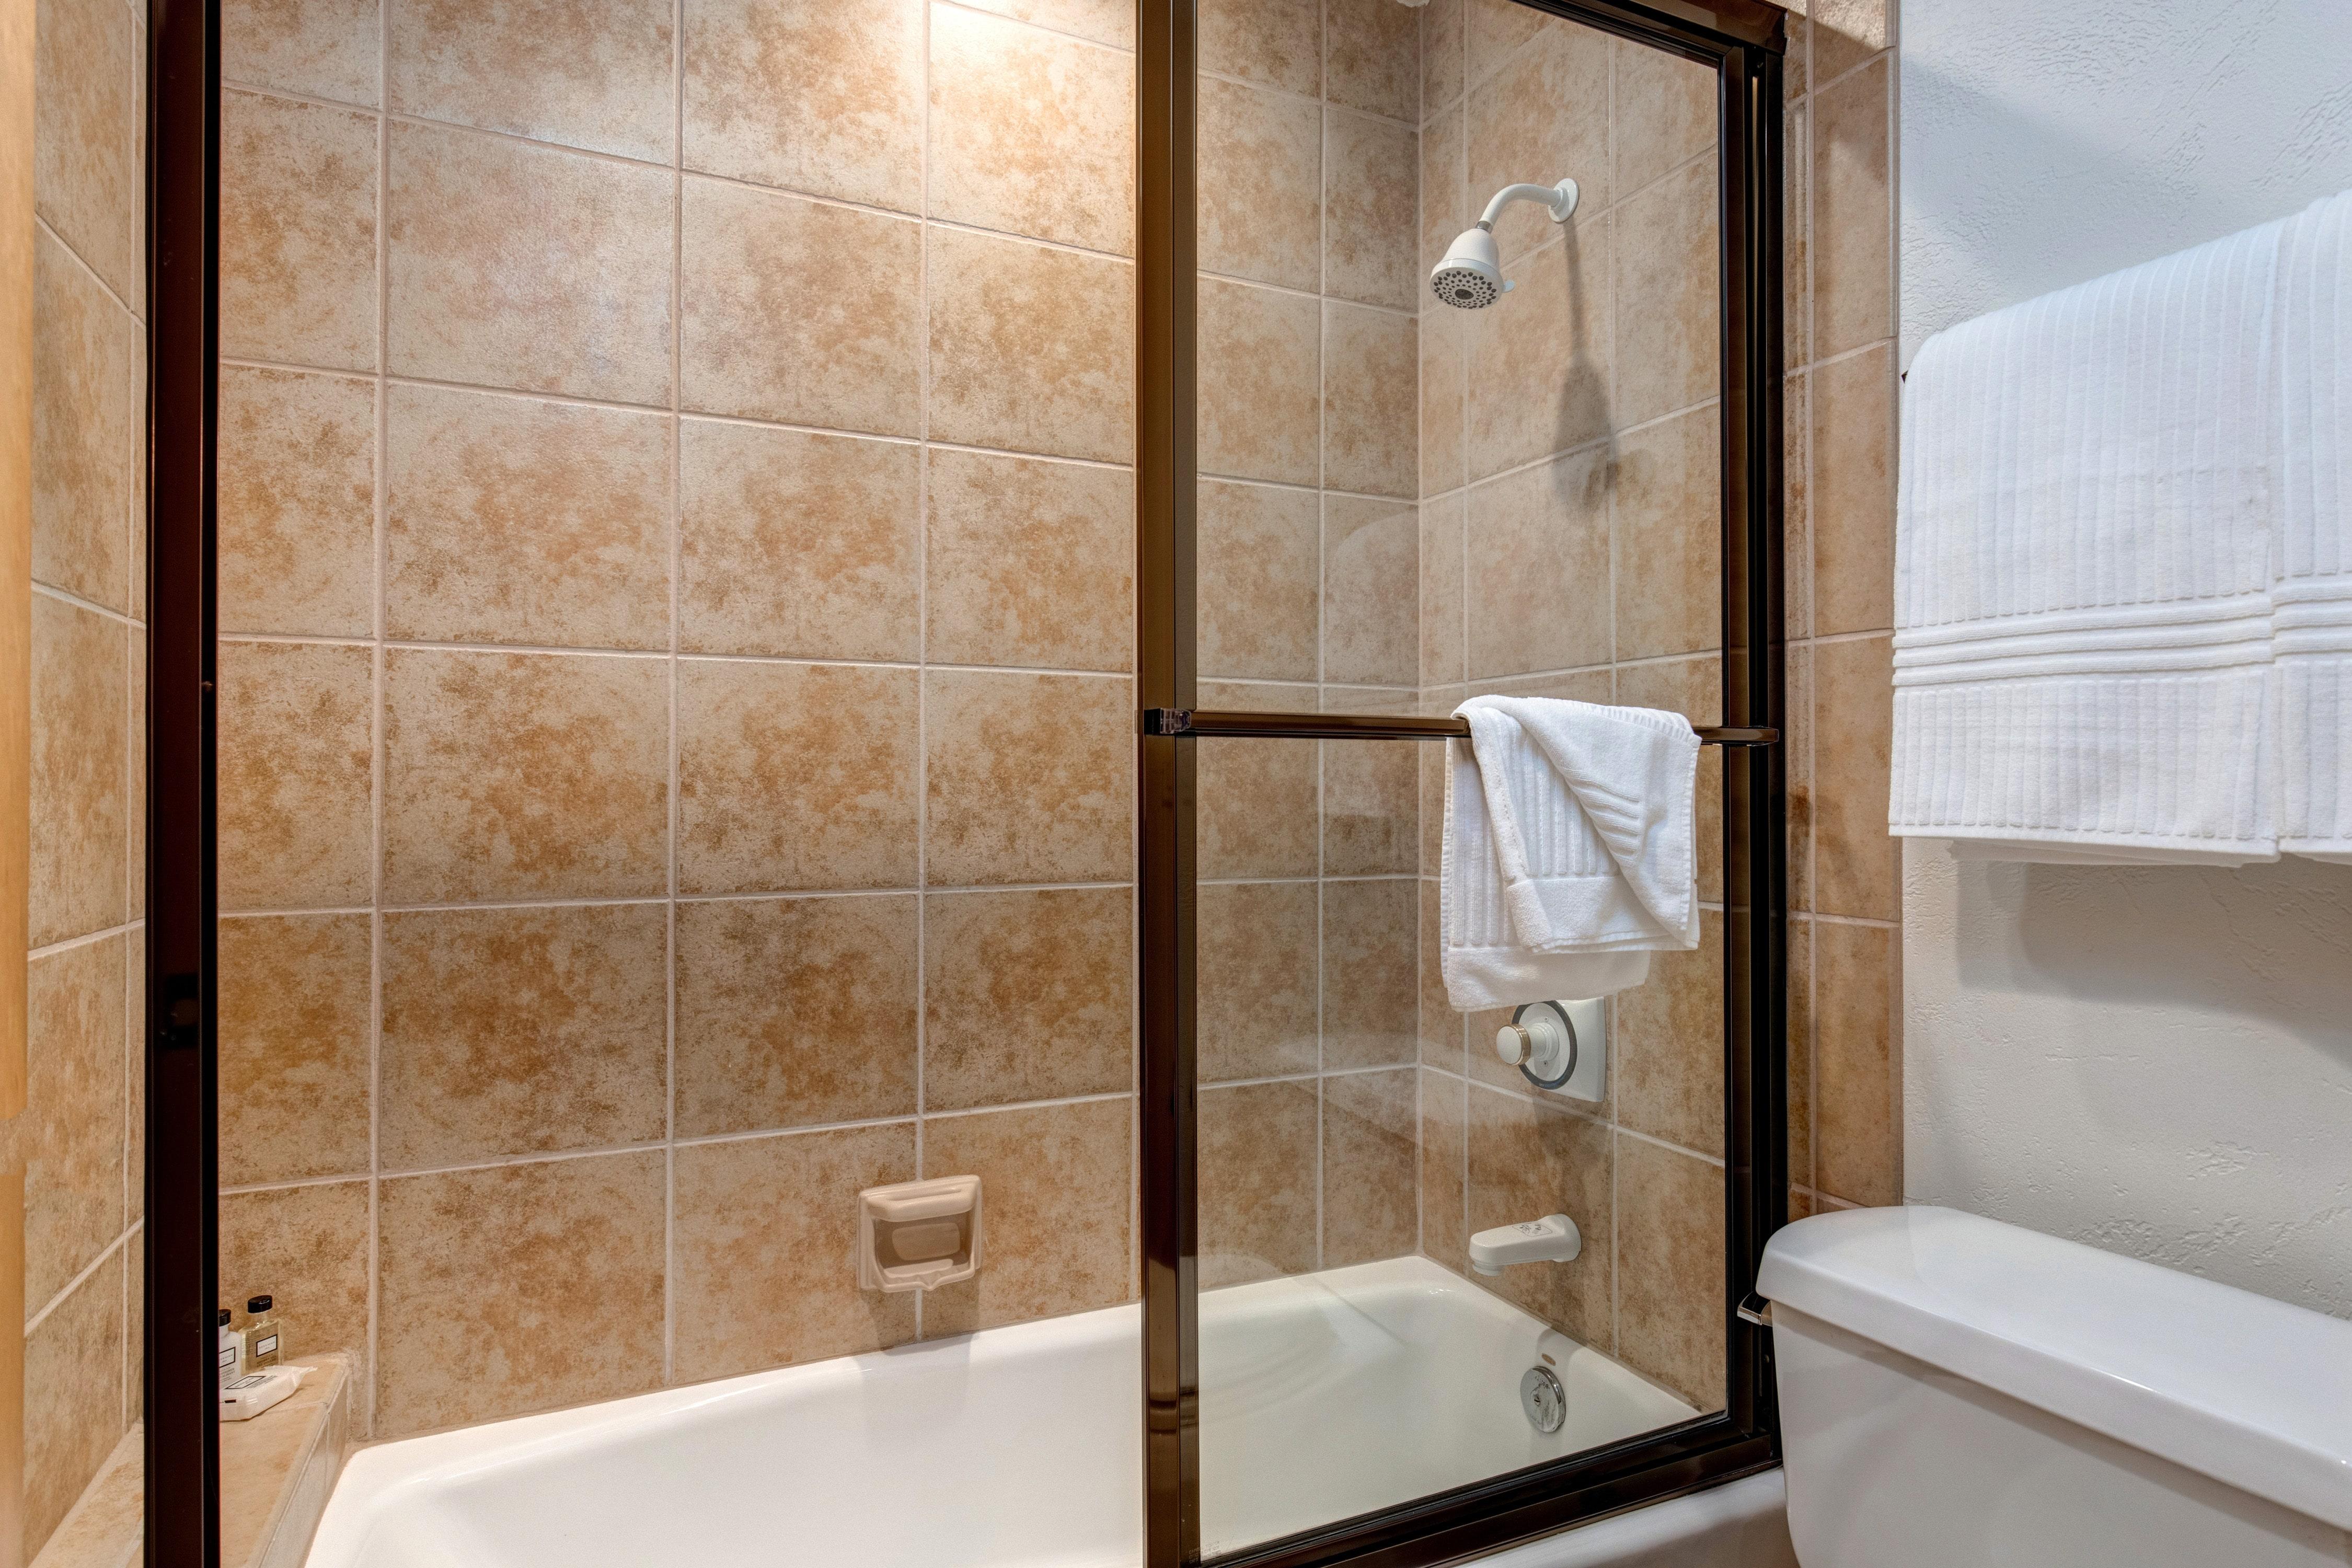 Abode Luxury Rentals Park City Utah Deer Valley Sterling Lodge Interior  Bathroom 4.2